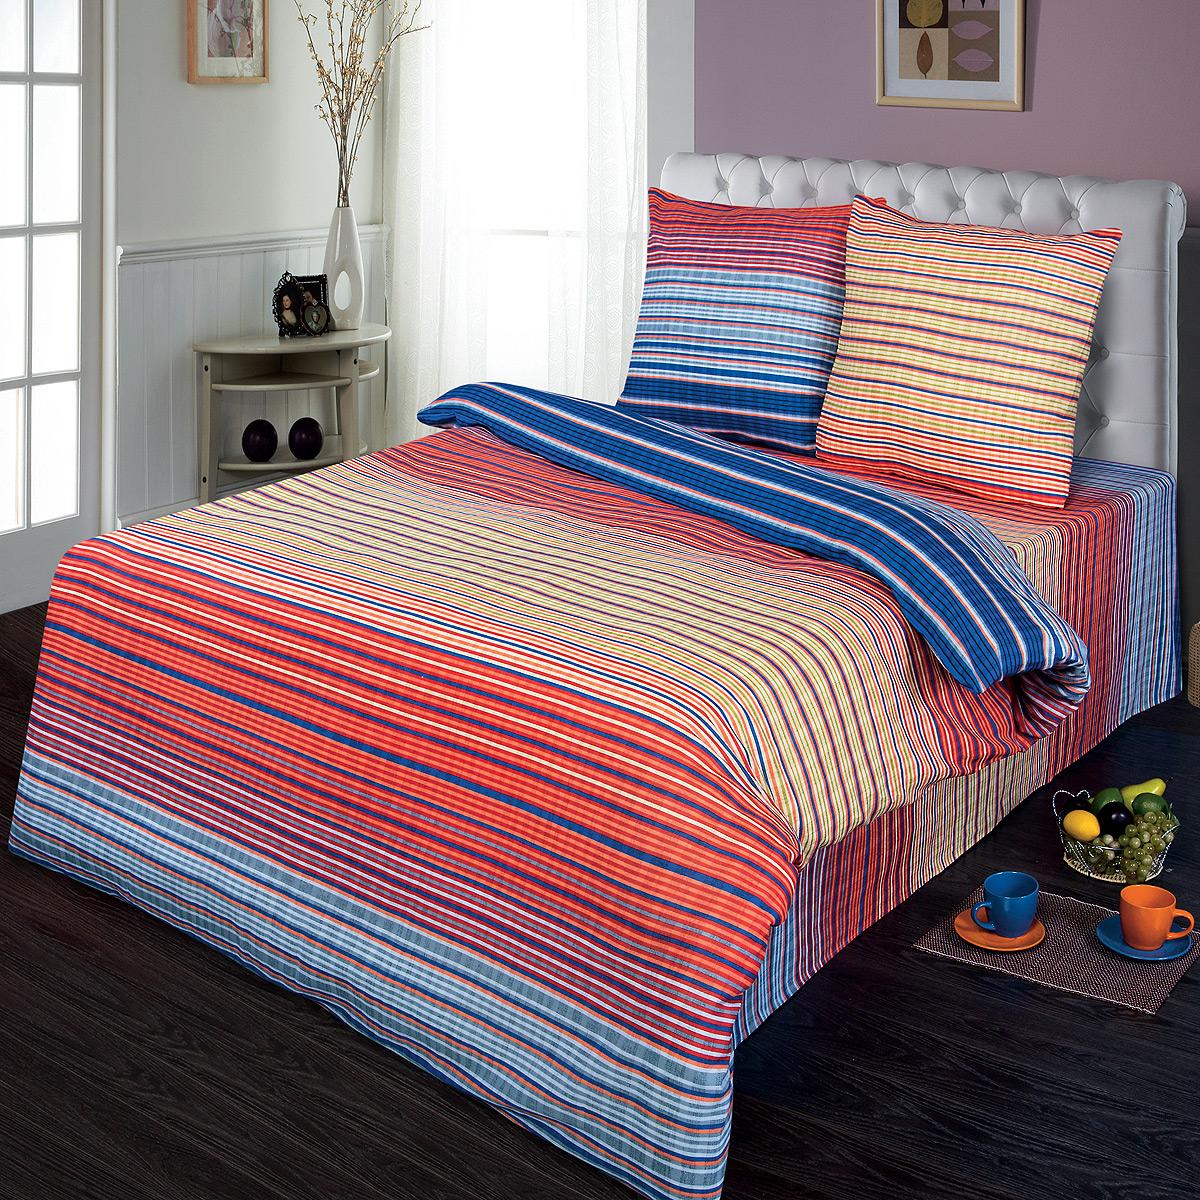 Комплект белья Шоколад Кавалер, 2-спальный, наволочки 70x70. Б104Б104Комплект постельного белья Шоколад Кавалер является экологически безопасным для всей семьи, так как выполнен из натурального хлопка. Комплект состоит из пододеяльника, простыни и двух наволочек. Постельное белье оформлено оригинальным рисунком и имеет изысканный внешний вид. Бязь - это ткань полотняного переплетения, изготовленная из экологически чистого и натурального 100% хлопка. Она прочная, мягкая, обладает низкой сминаемостью, легко стирается и хорошо гладится. Бязь прекрасно пропускает воздух и за ней легко ухаживать. При соблюдении рекомендуемых условий стирки, сушки и глажения ткань имеет усадку по ГОСТу, сохранятся яркость текстильных рисунков. Приобретая комплект постельного белья Шоколад Кавалер, вы можете быть уверены в том, что покупка доставит вам и вашим близким удовольствие и подарит максимальный комфорт.